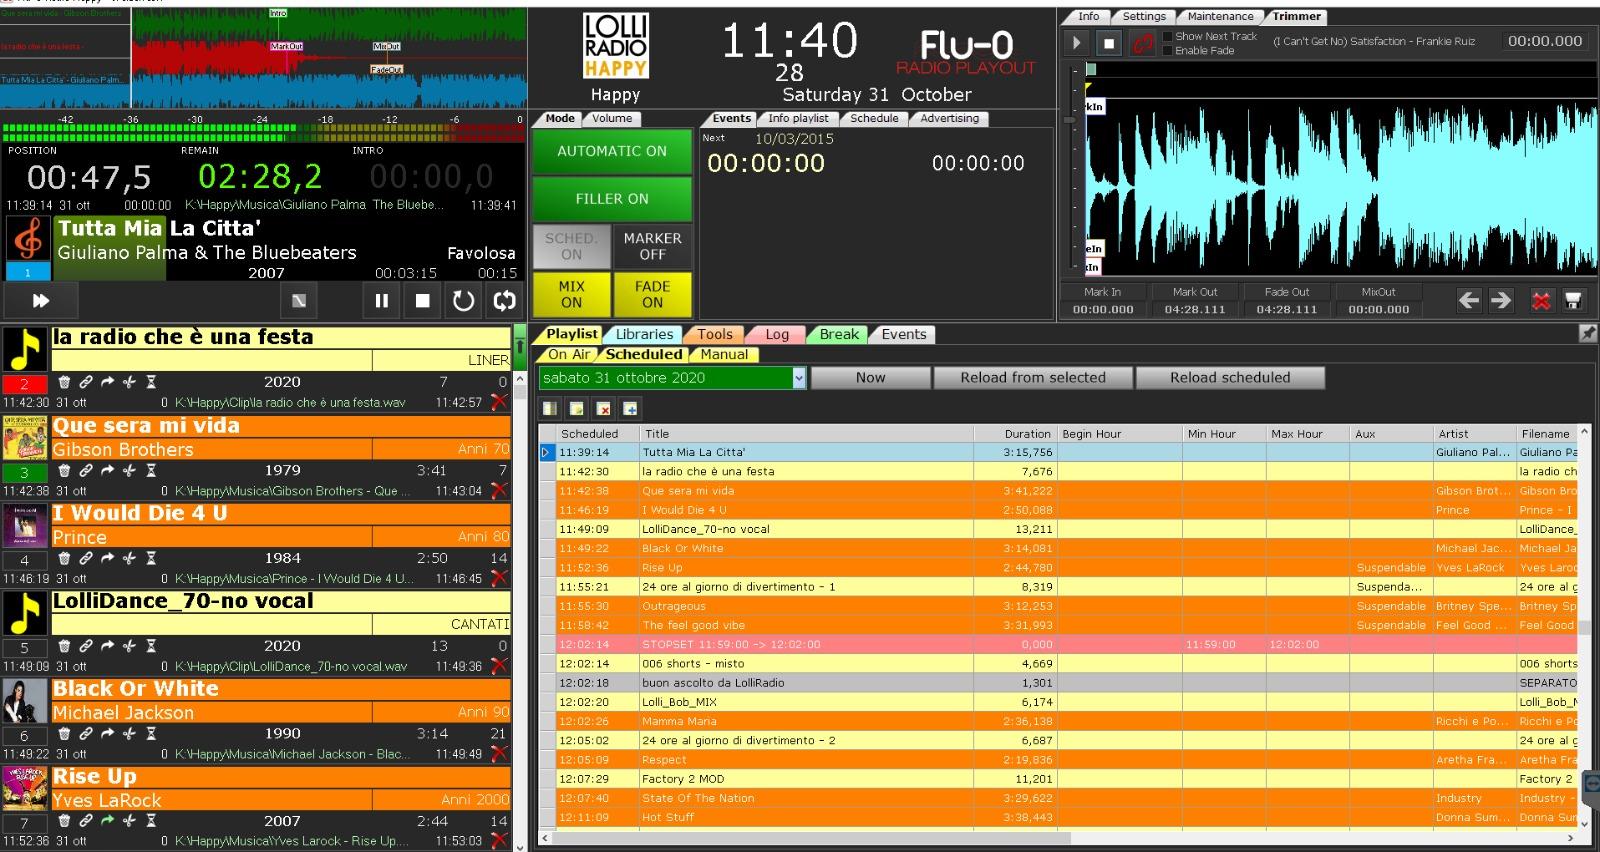 Lolliradio Happy DJ Osso - Radio. Il formato Happy che attraverso il decostruzionismo stravolge schemi radiofonici precostituiti si afferma. E ci tenta anche Dj Osso